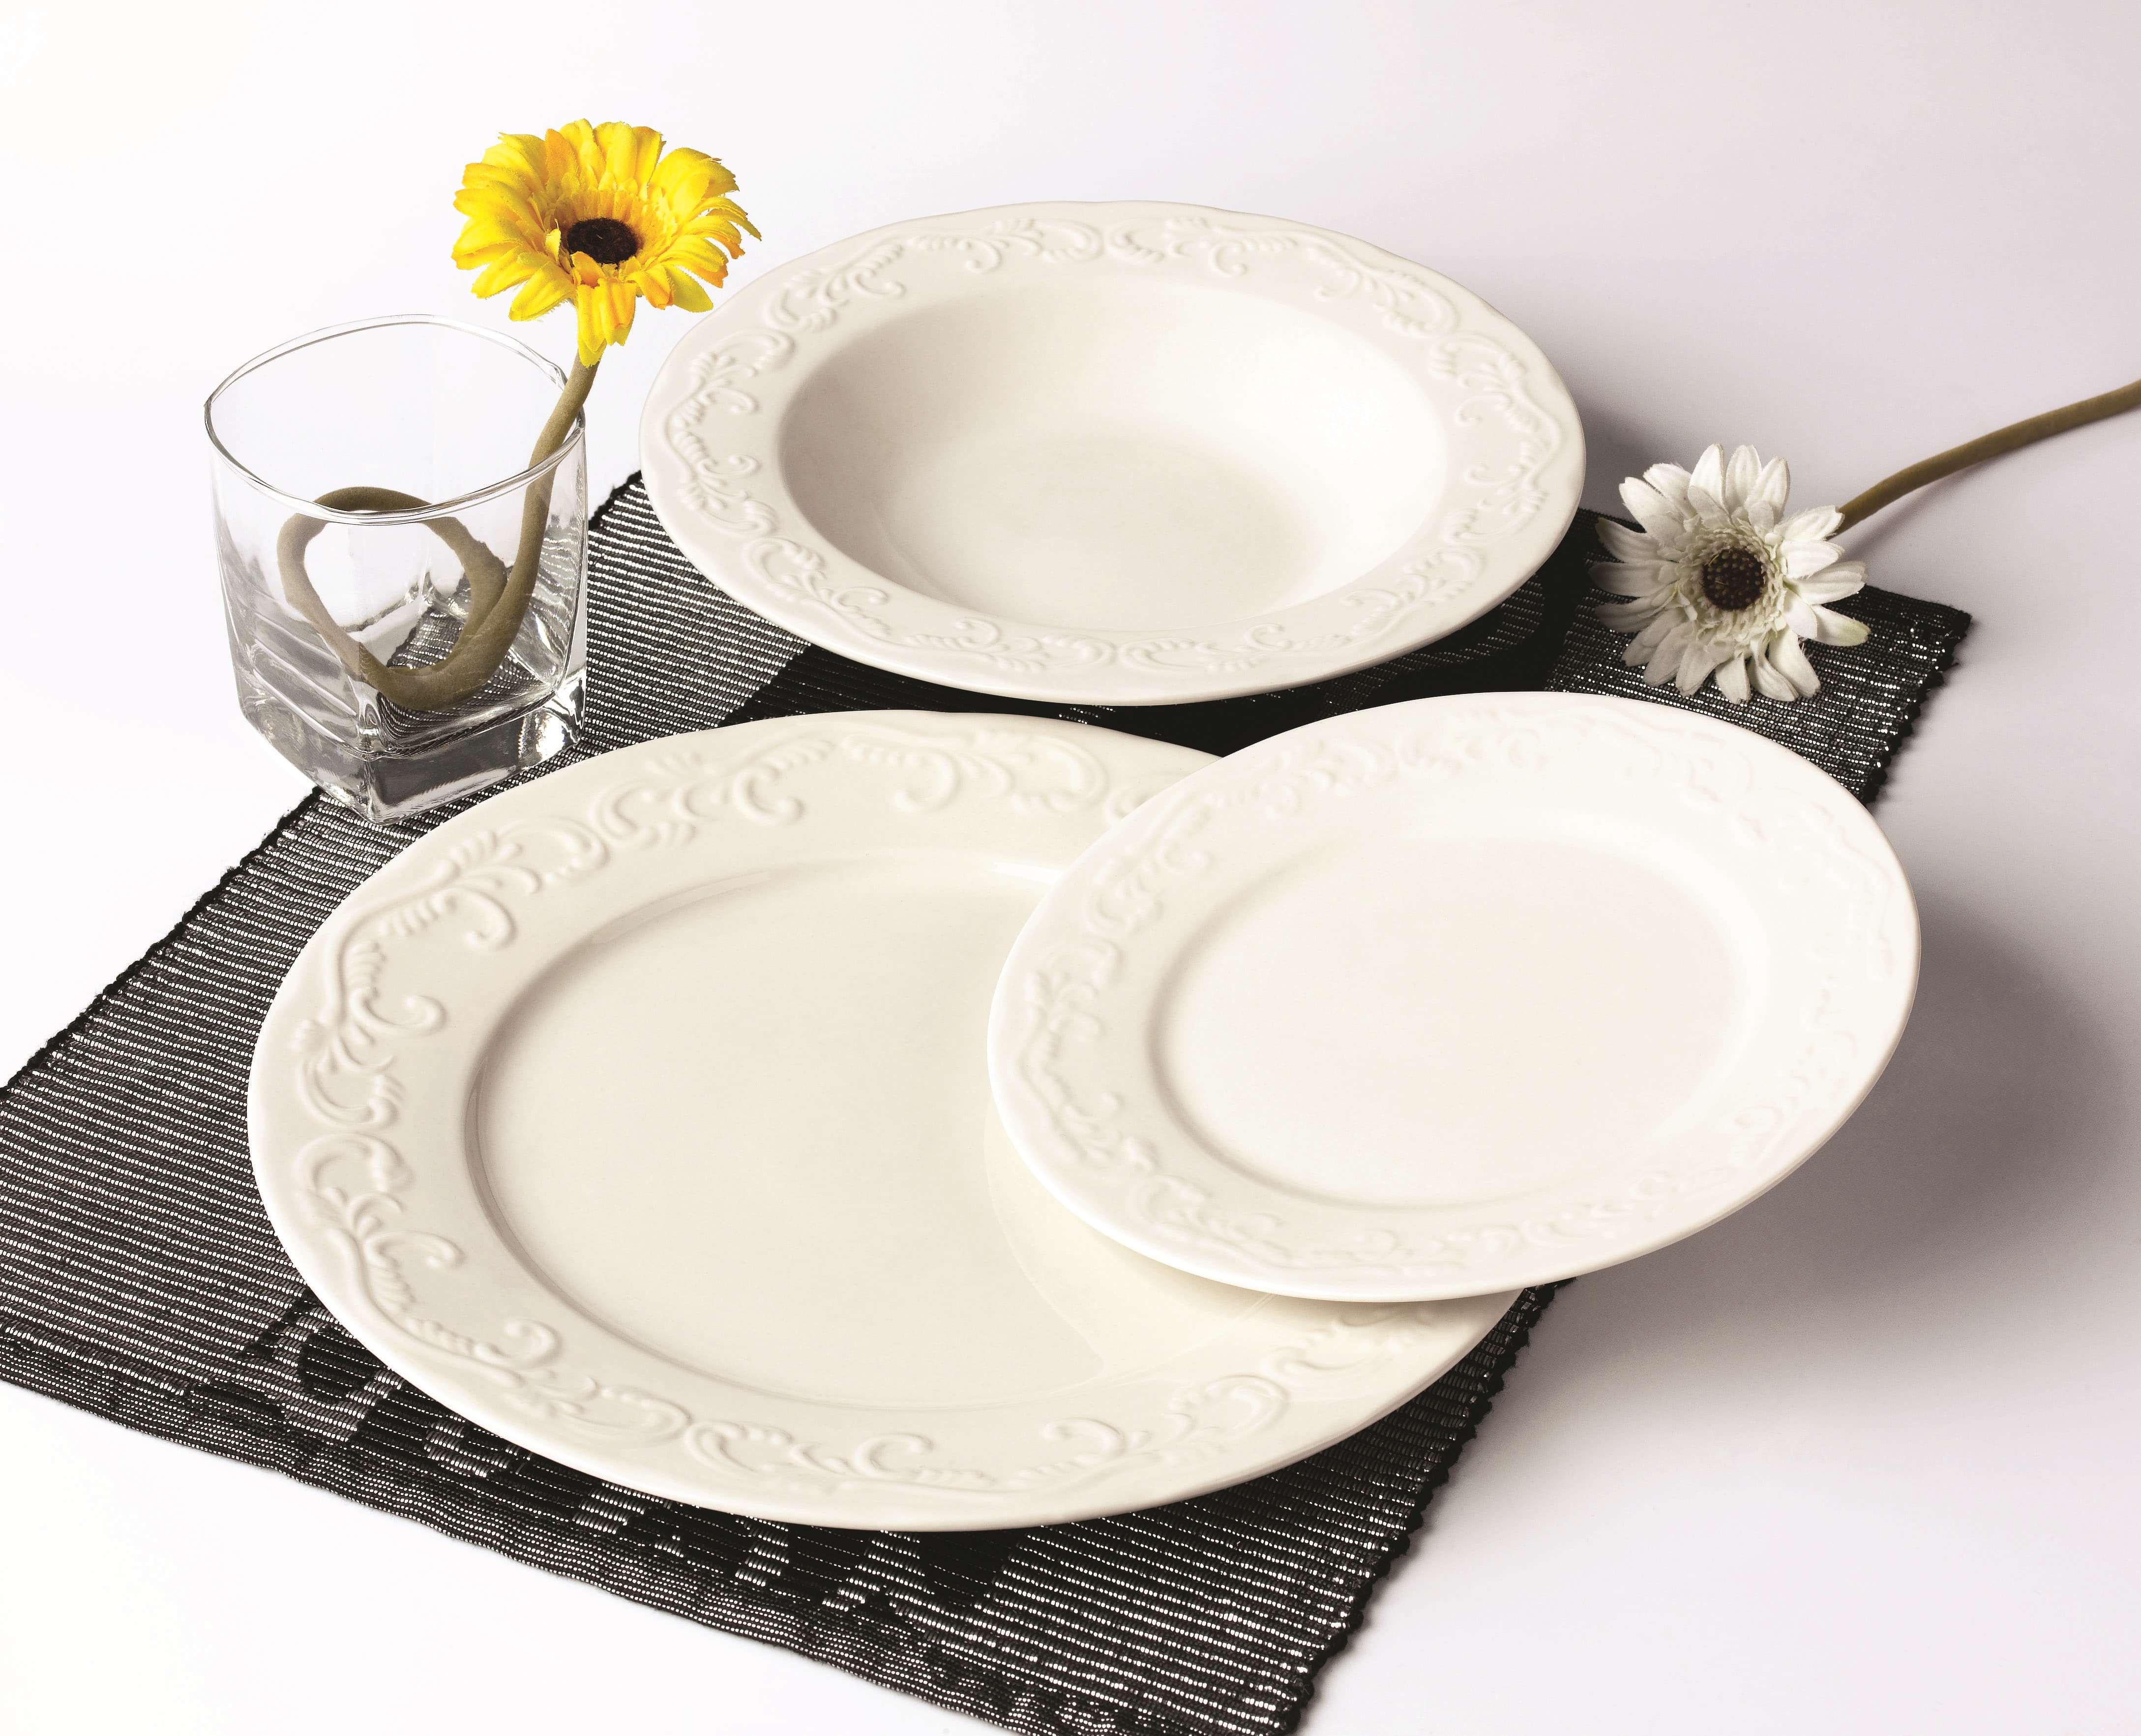 浮雕花纹餐具